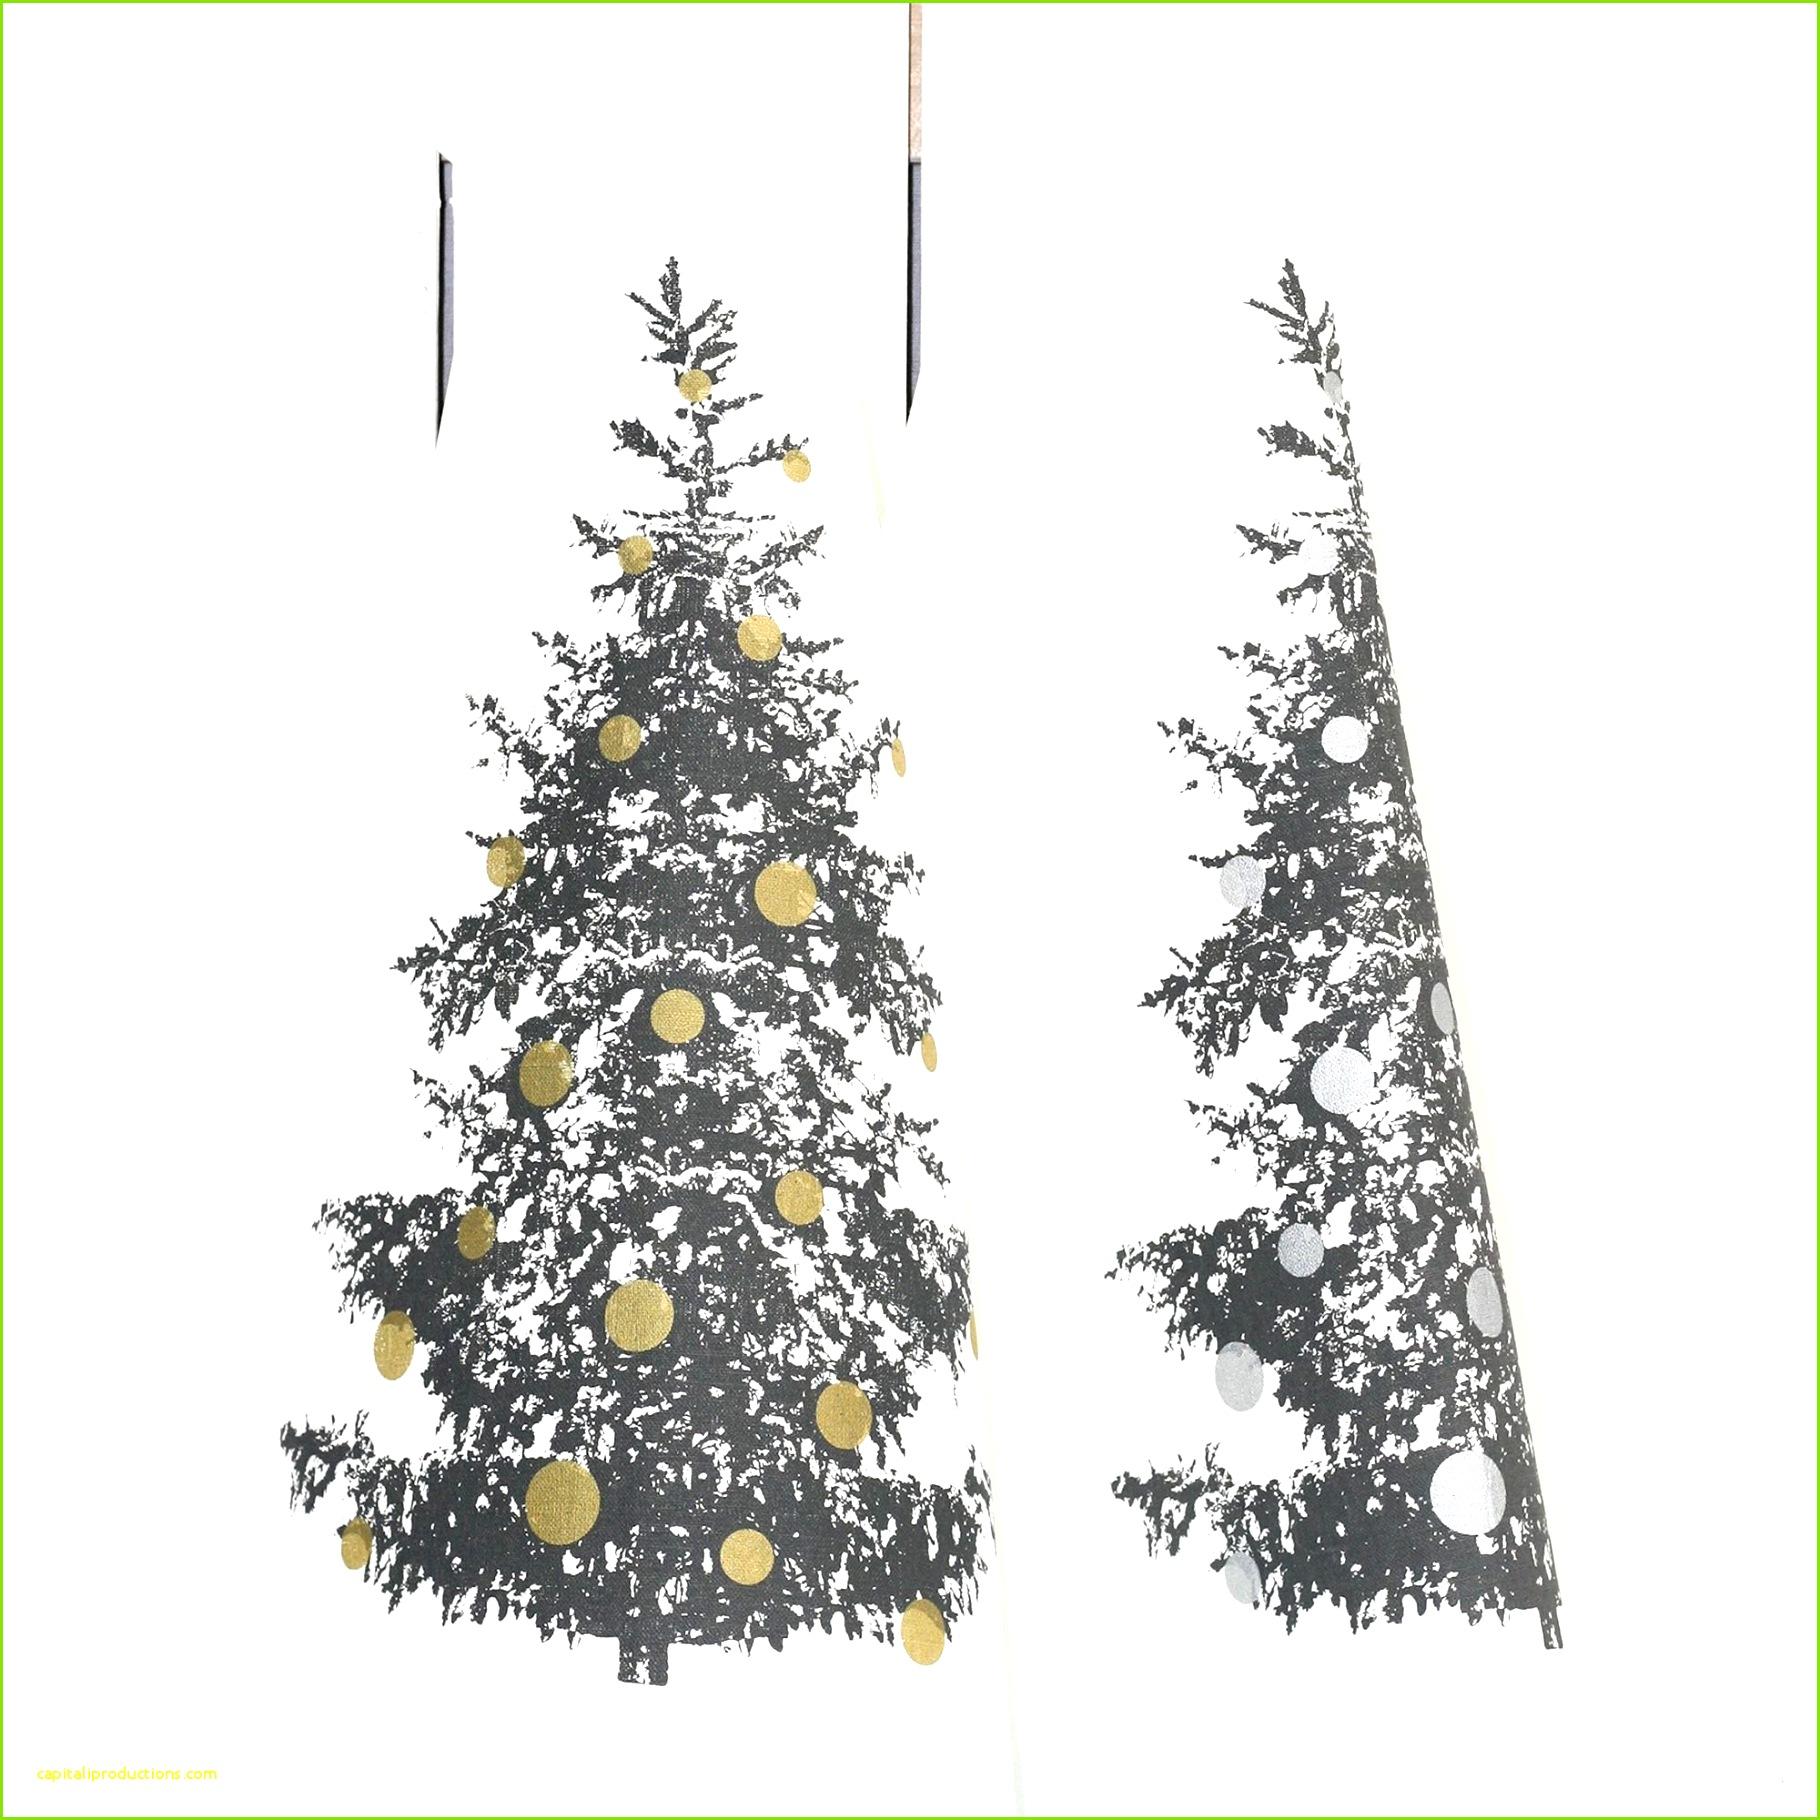 Weihnachtskarte Vorlage Einzigartig Weihnachts Karte Genial Weihnachtskarte Tannenbaum 0d Archives